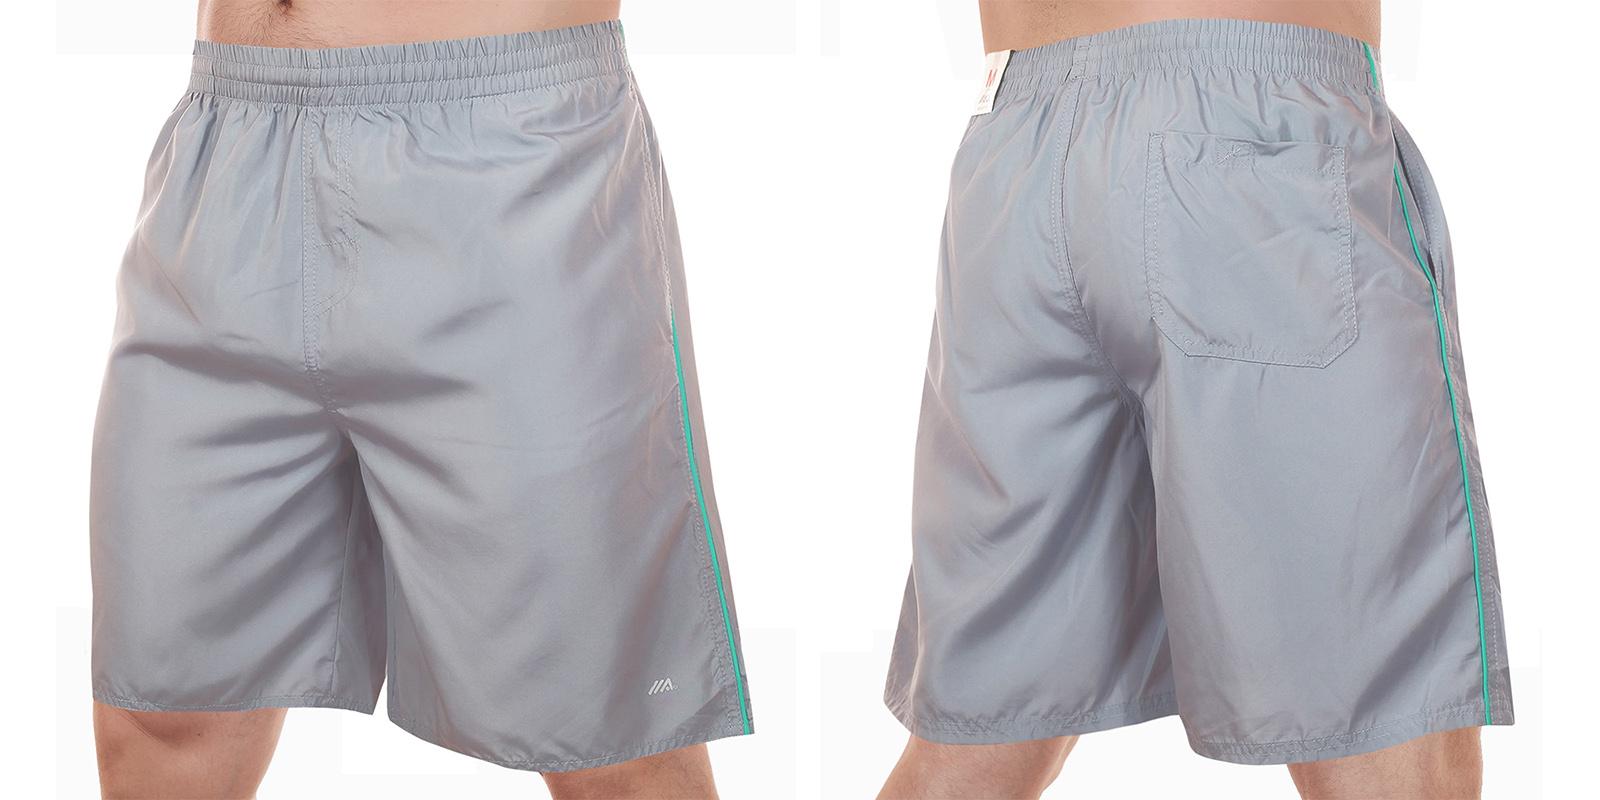 Заказать лучшие летние мужские шорты от MACE (Канада)